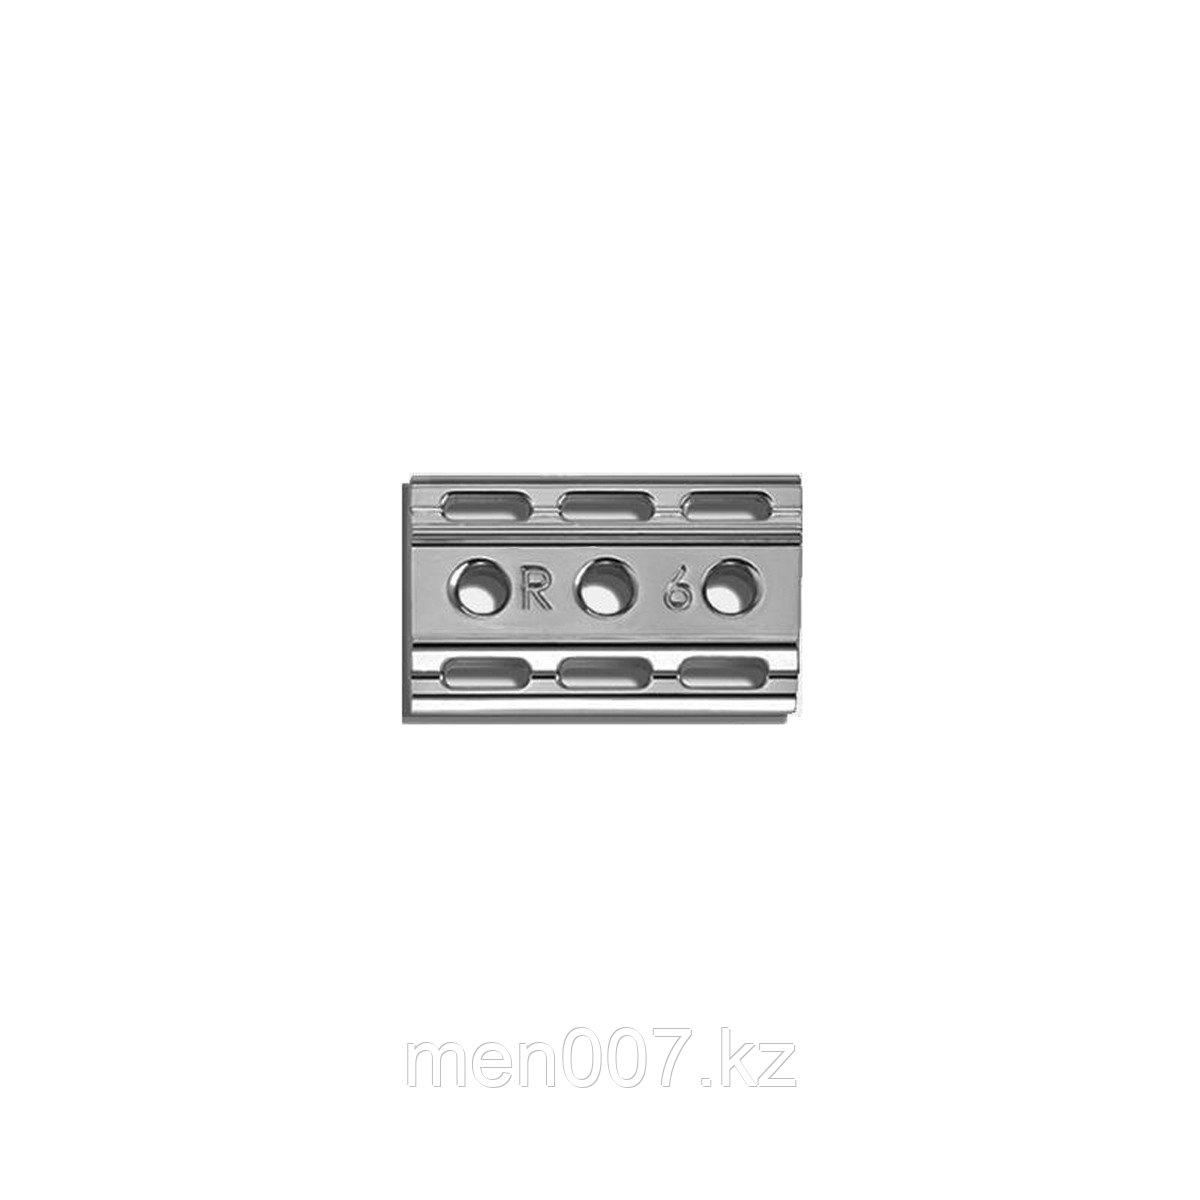 Rockwell 6С Плита 5/6 для т-образного станка